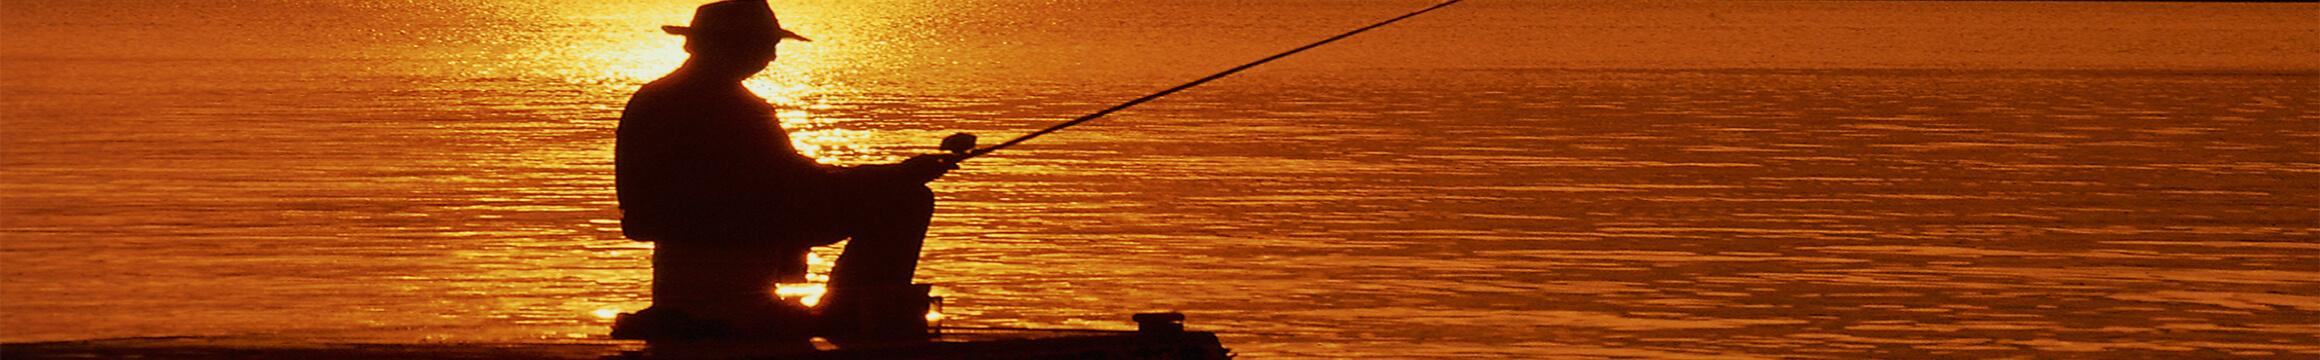 Cfishing 1